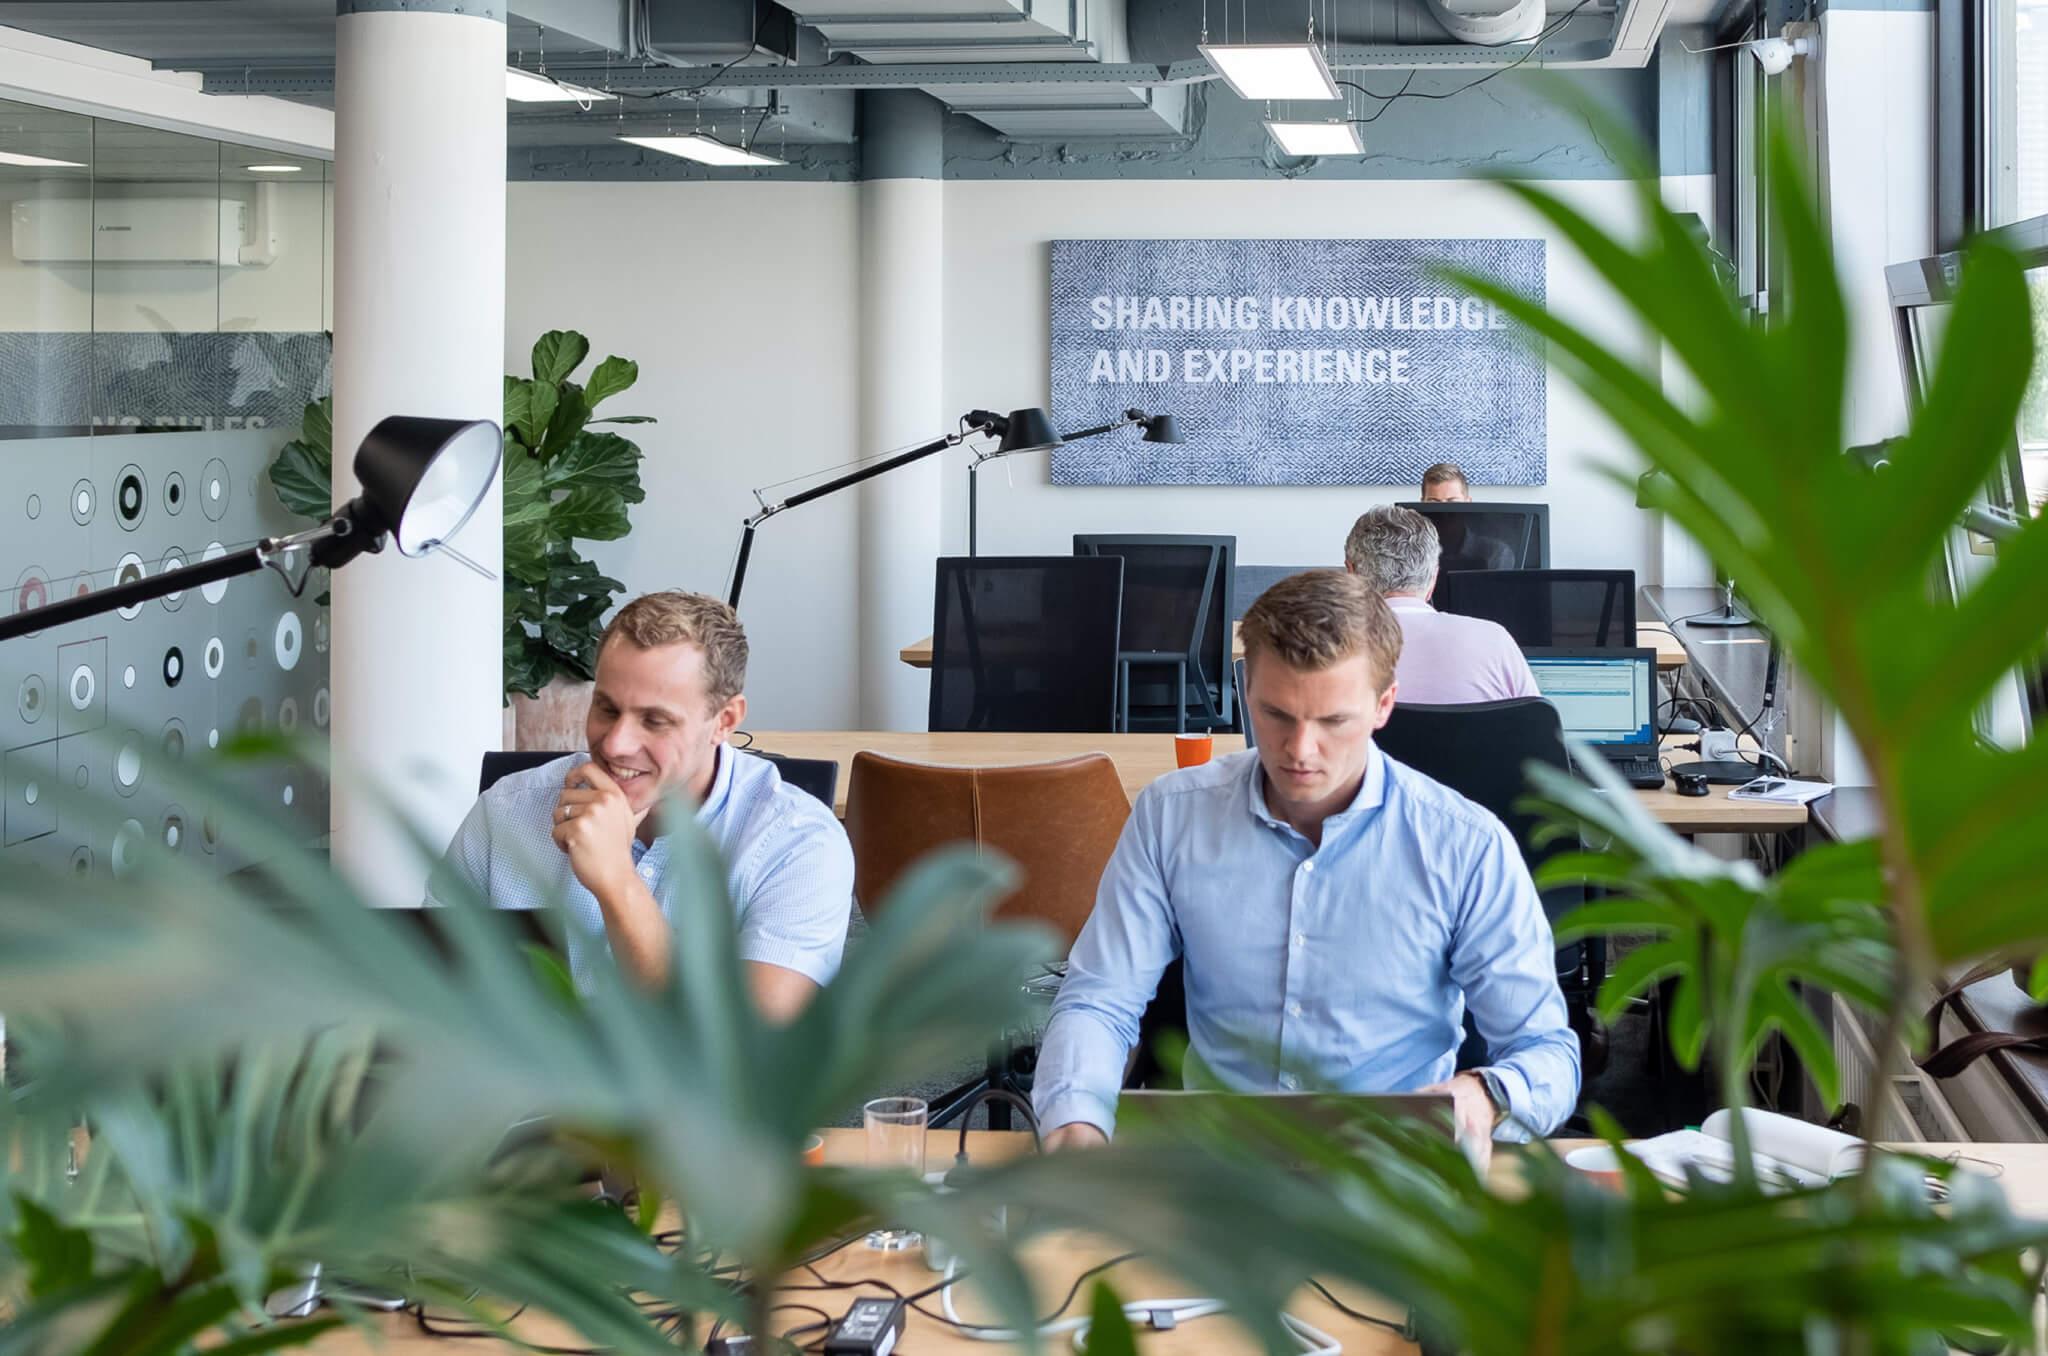 kantoorinrichting, uitstraling werkplek, kantoorbedrijfsinrichting werkomgeving renovatie Finext in Den Haag